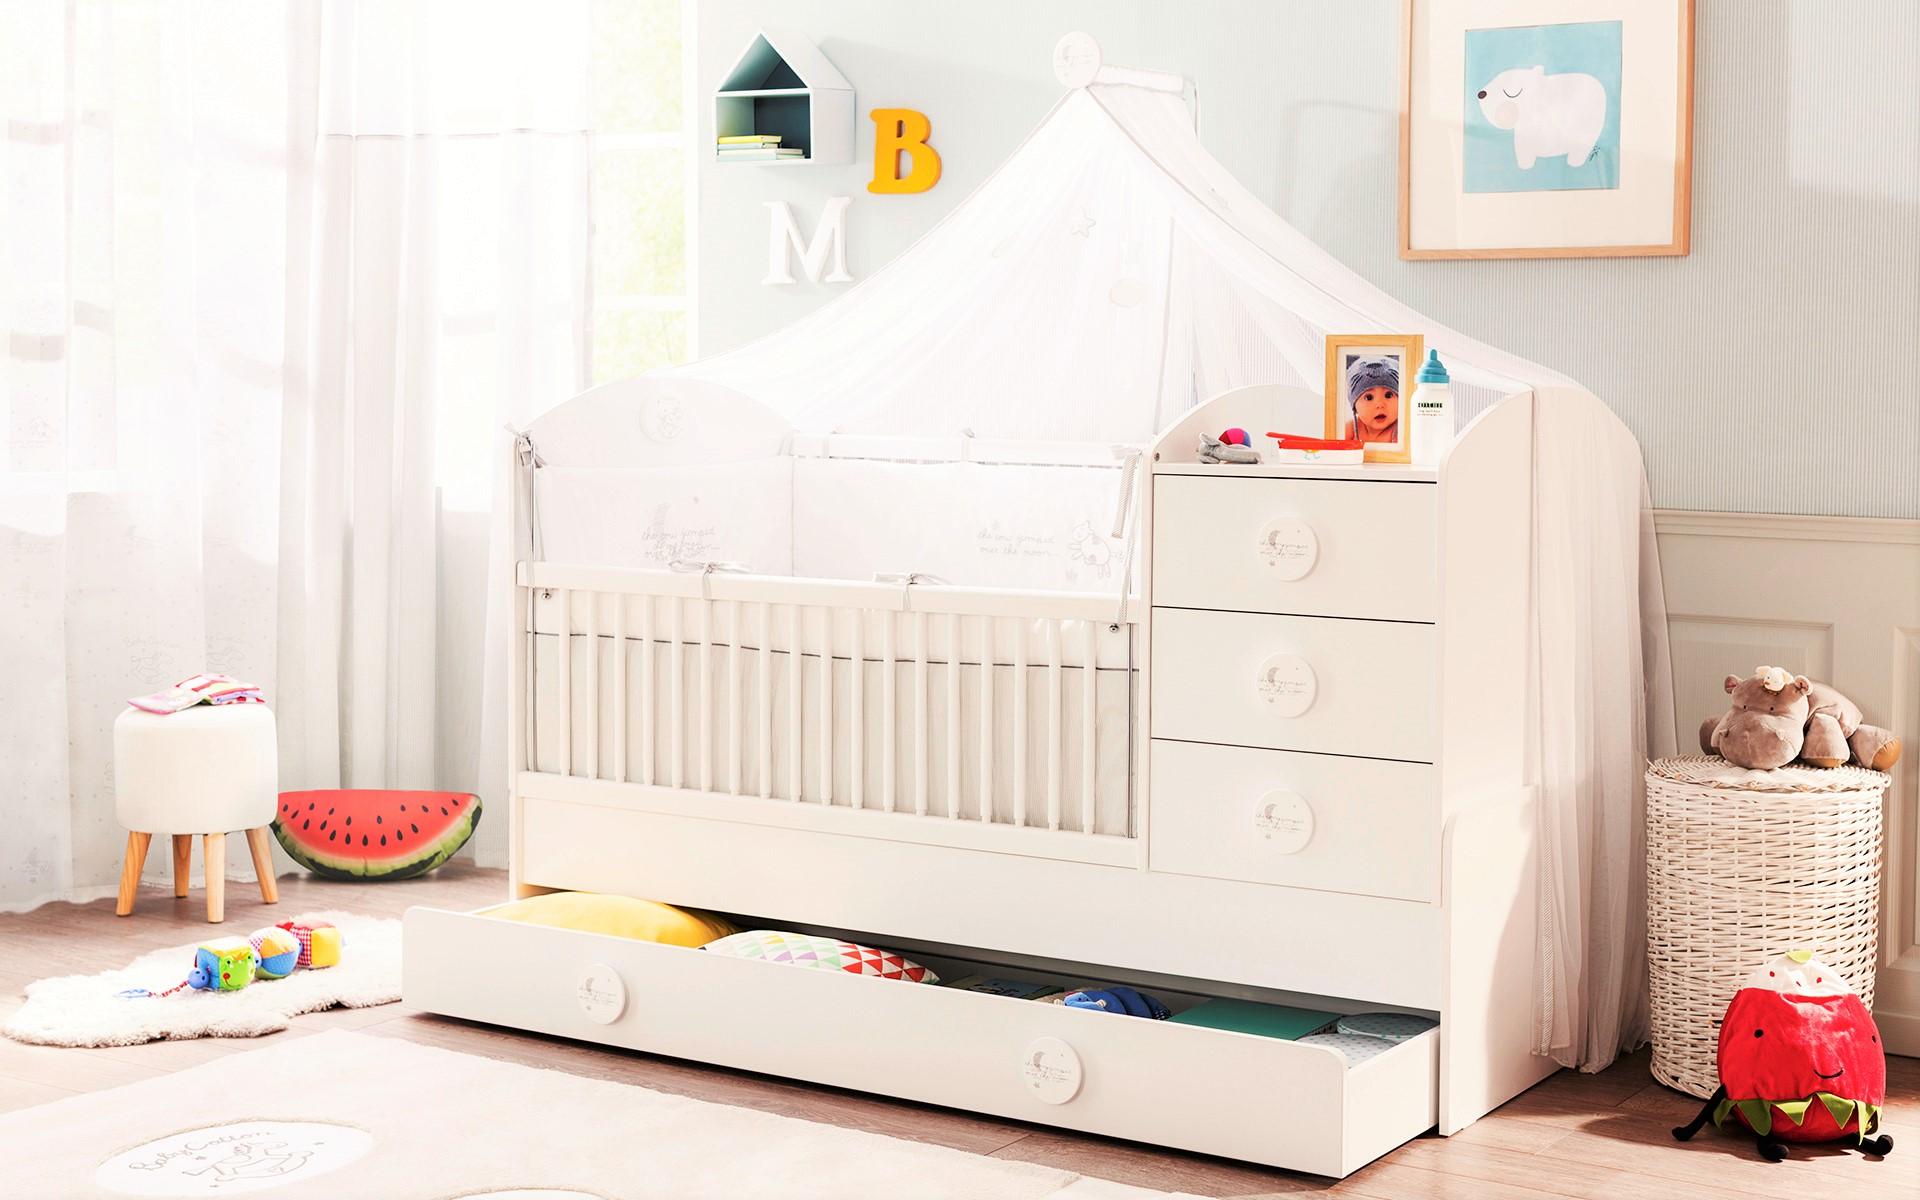 Peuter slaapkamer ~ [Spscents.com]